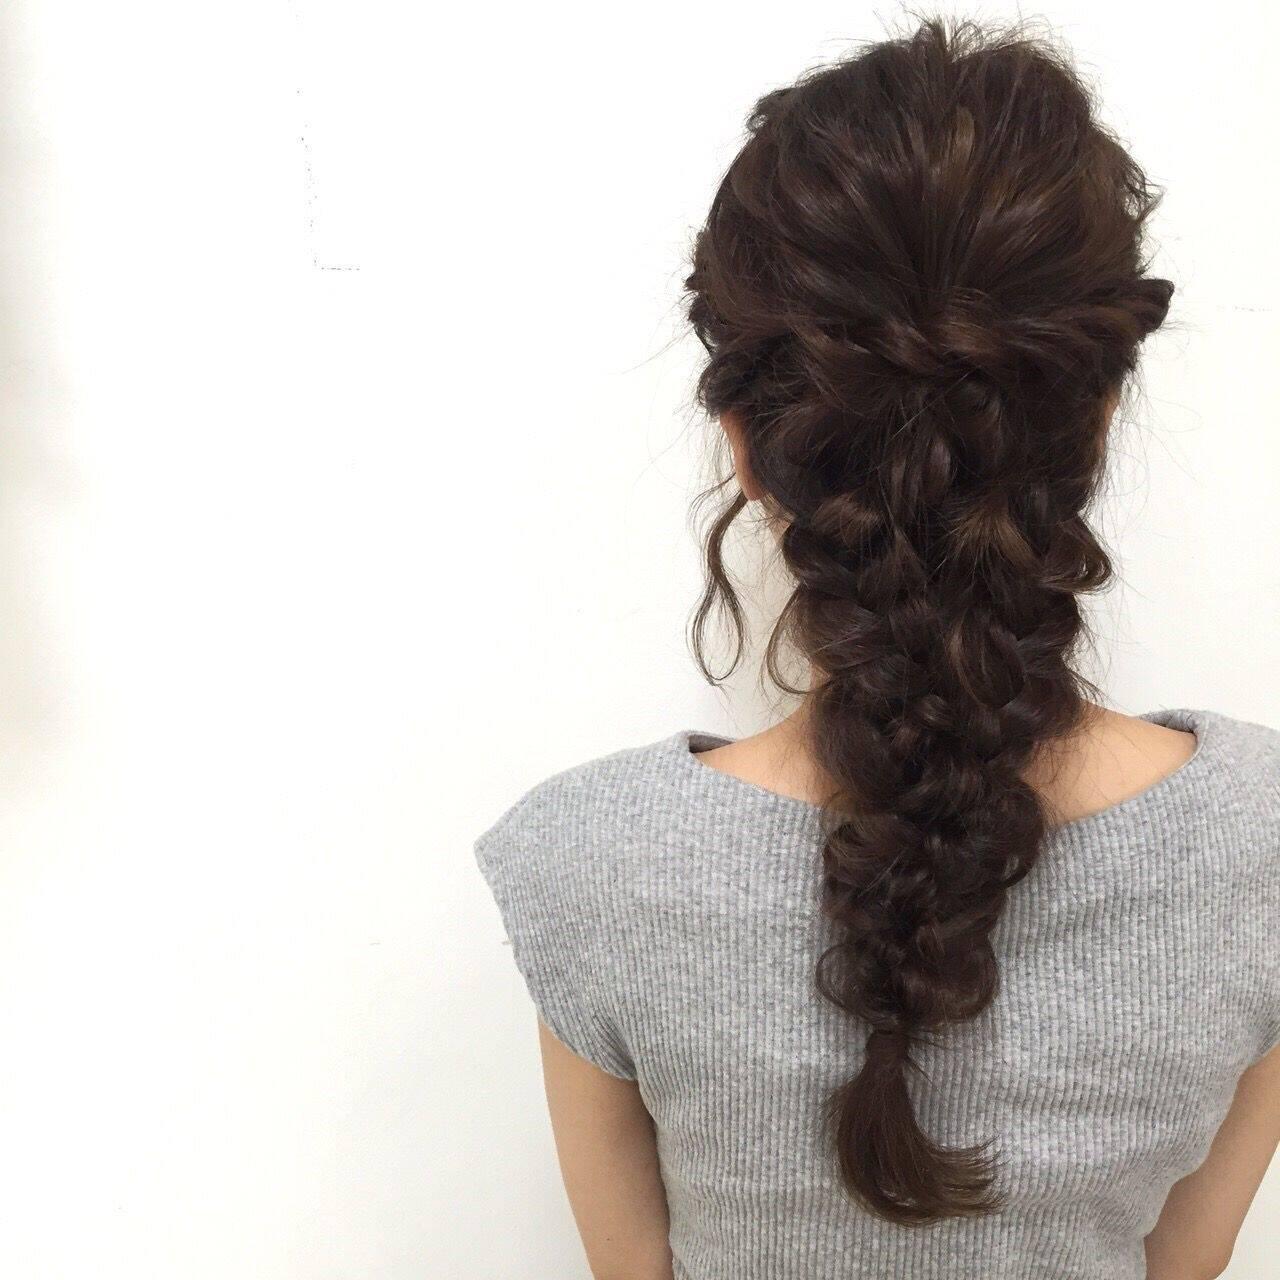 ヘアアレンジ 編み込み フィッシュボーン ゆるふわヘアスタイルや髪型の写真・画像